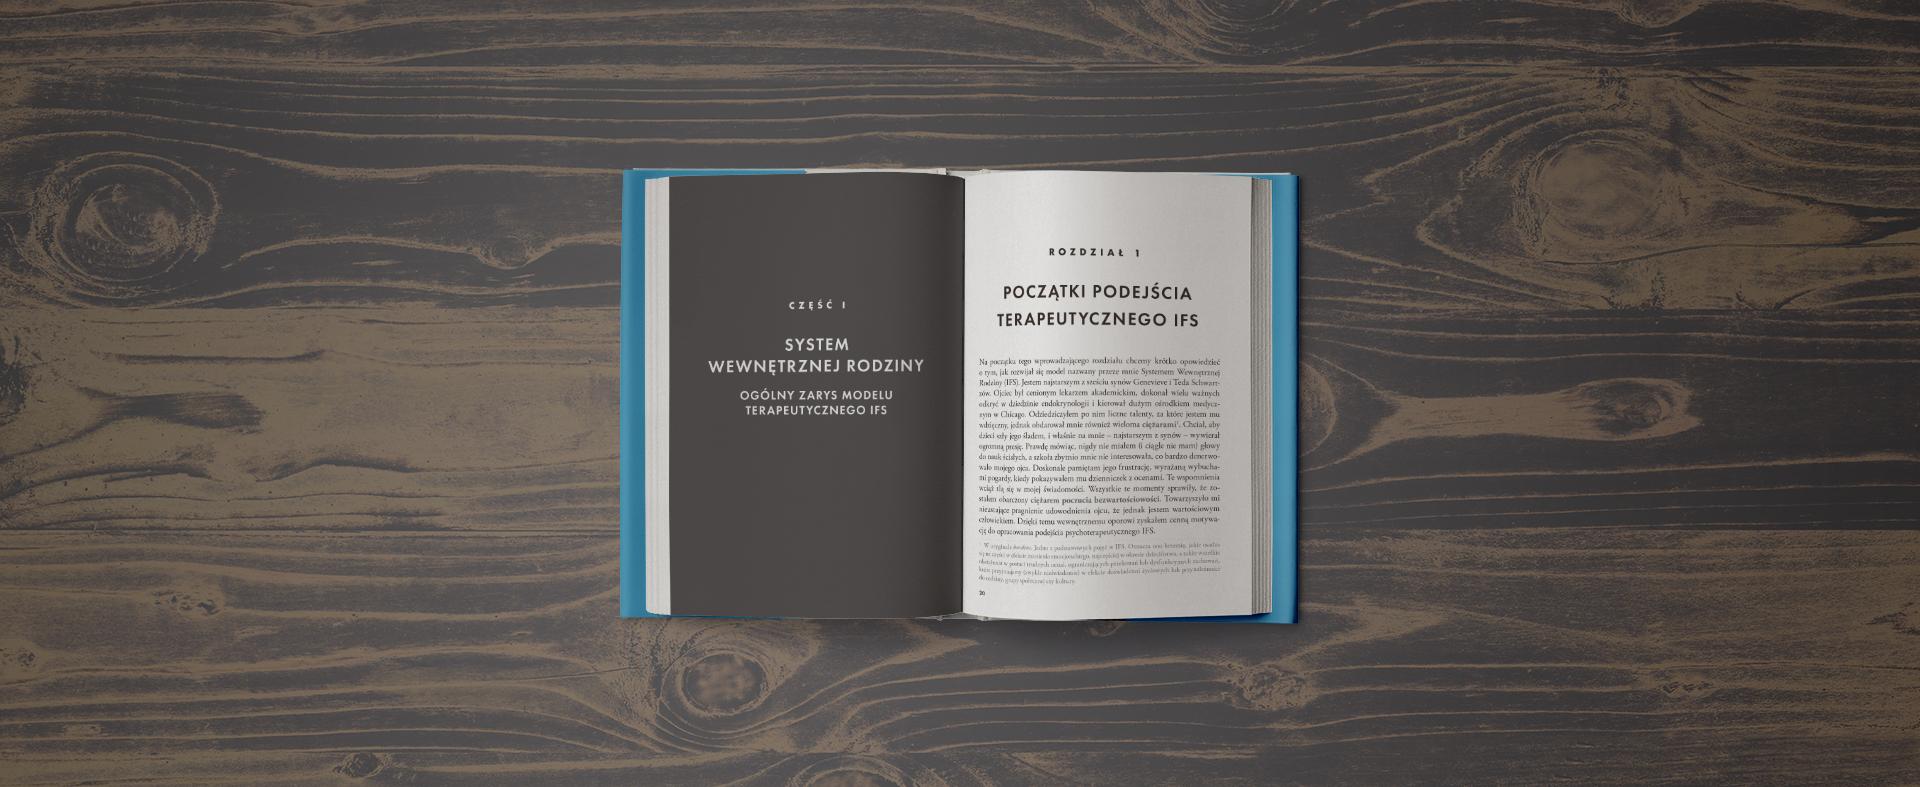 Terapia systemu wewnętrznej rodziny IFS - książka 3